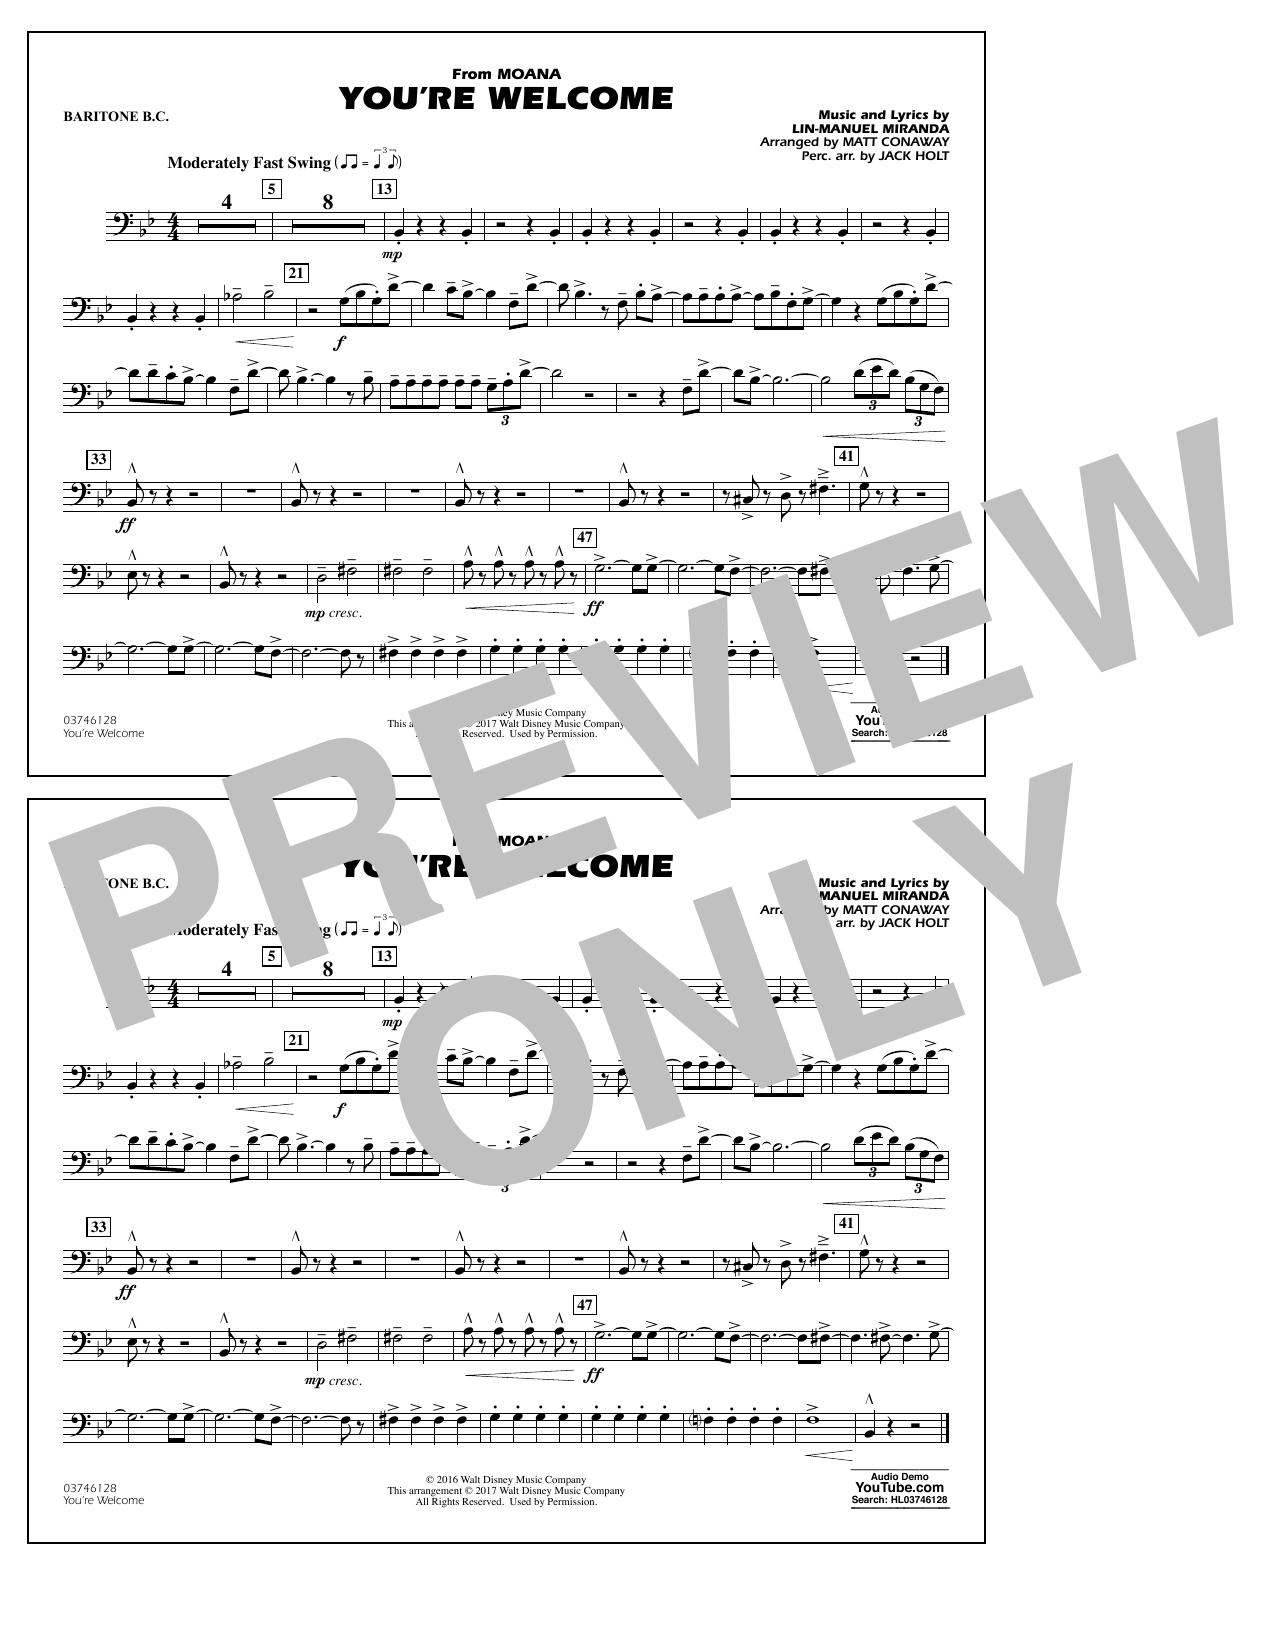 You're Welcome (from Moana) - Baritone B.C. Sheet Music